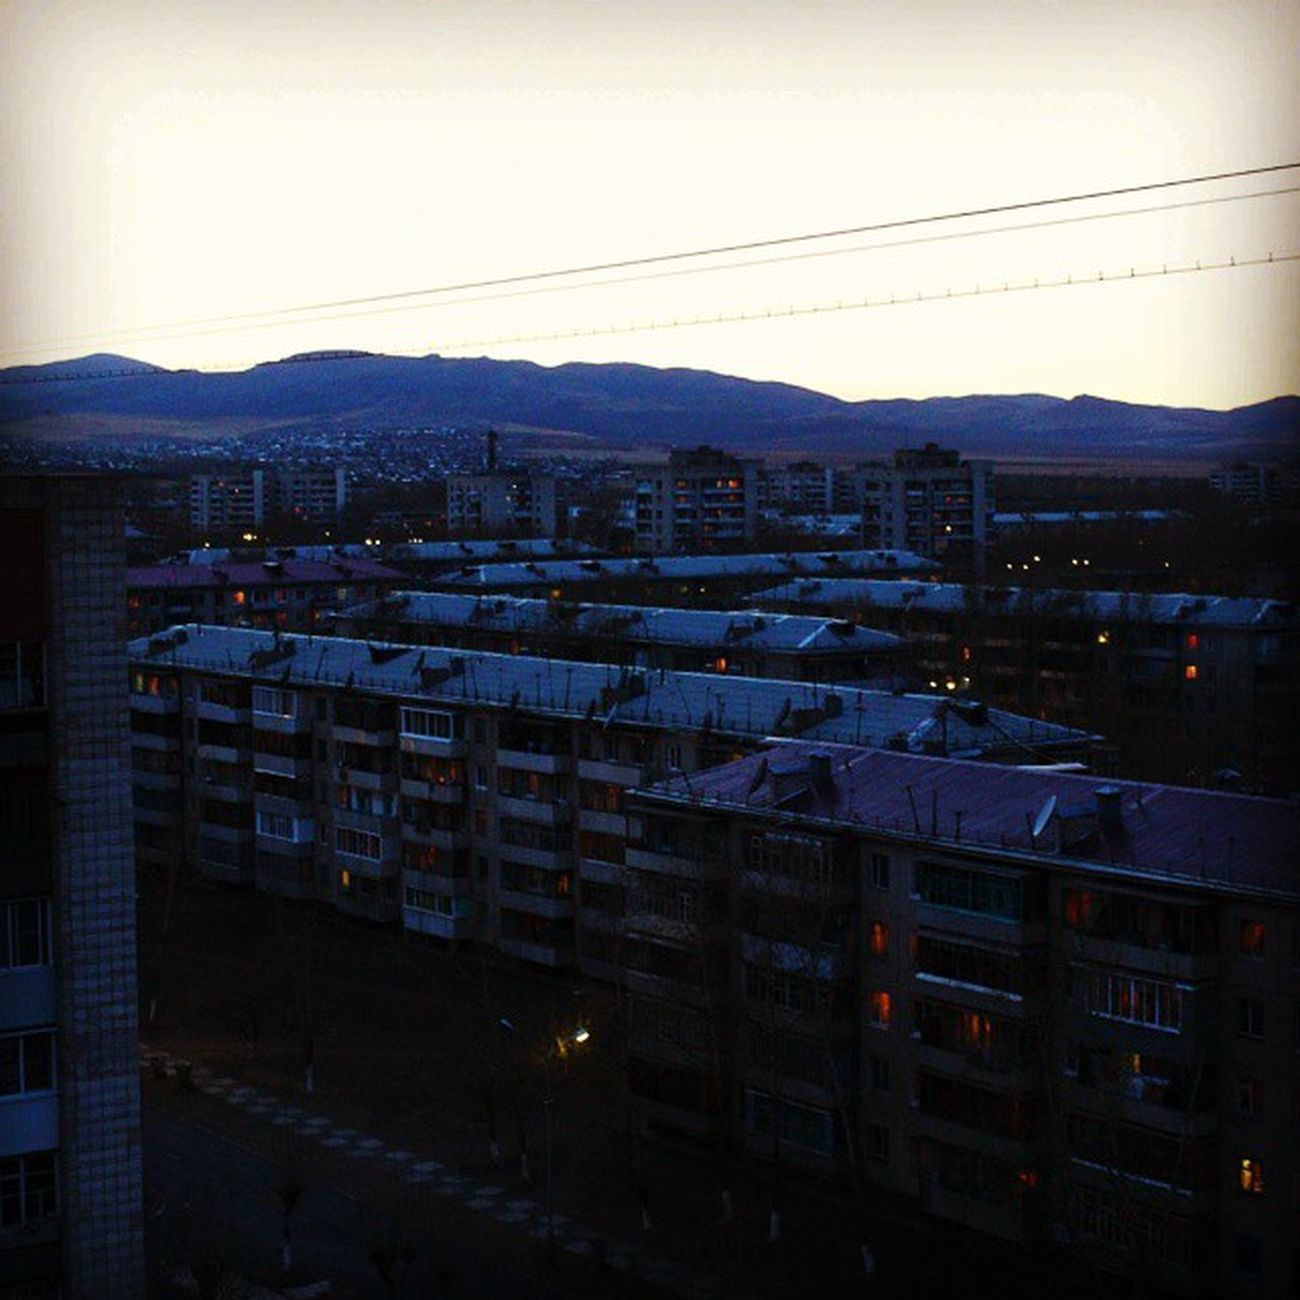 Прекрасный вечер мне сулит Расплавленное солнце. За горизонтом день мой спит, И ночь стучит в оконце. Восходят и гаснут огни, С неба падают звёзды. Как будто ангелов слёзы Печаль смывают с земли. Krasnokamensk краснокаменск мойгород почтиночь вечер видскрыши дома Niceday Mylife Mytown Homes Goodday